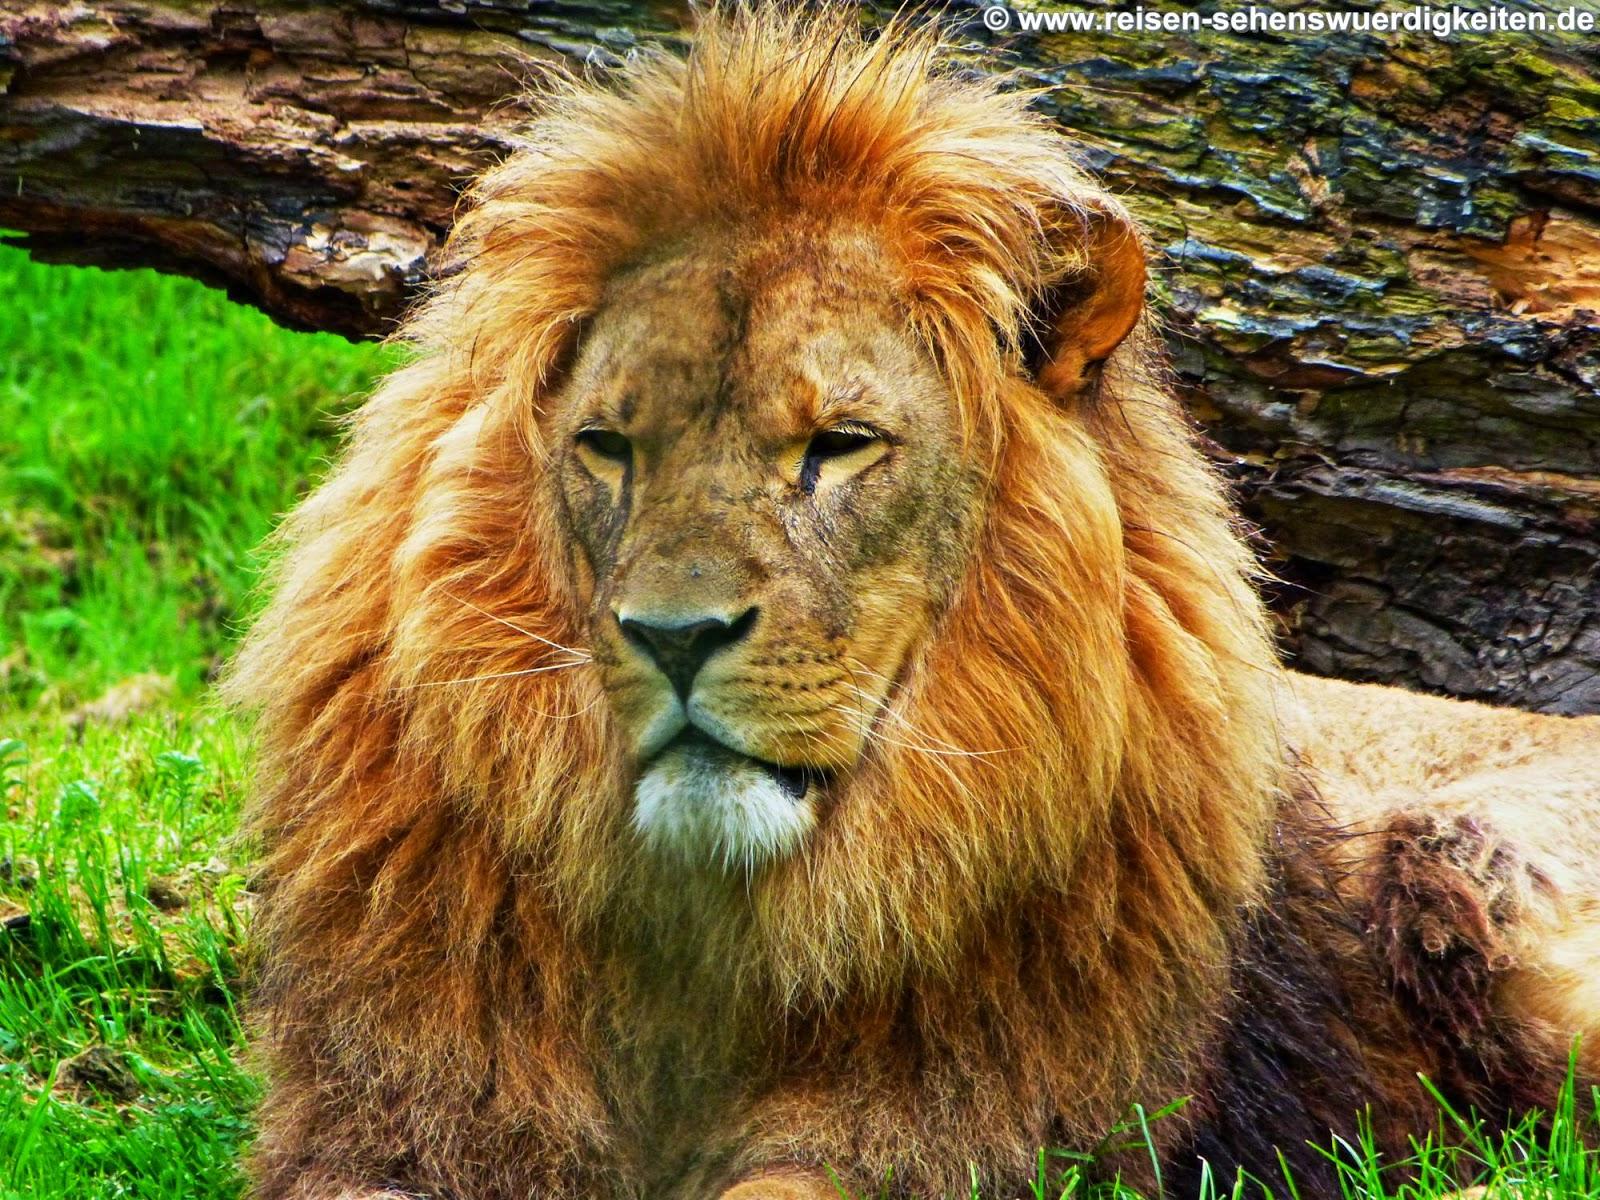 Hintergrundbilder Kostenlos Tiere innen Tierbilder Download